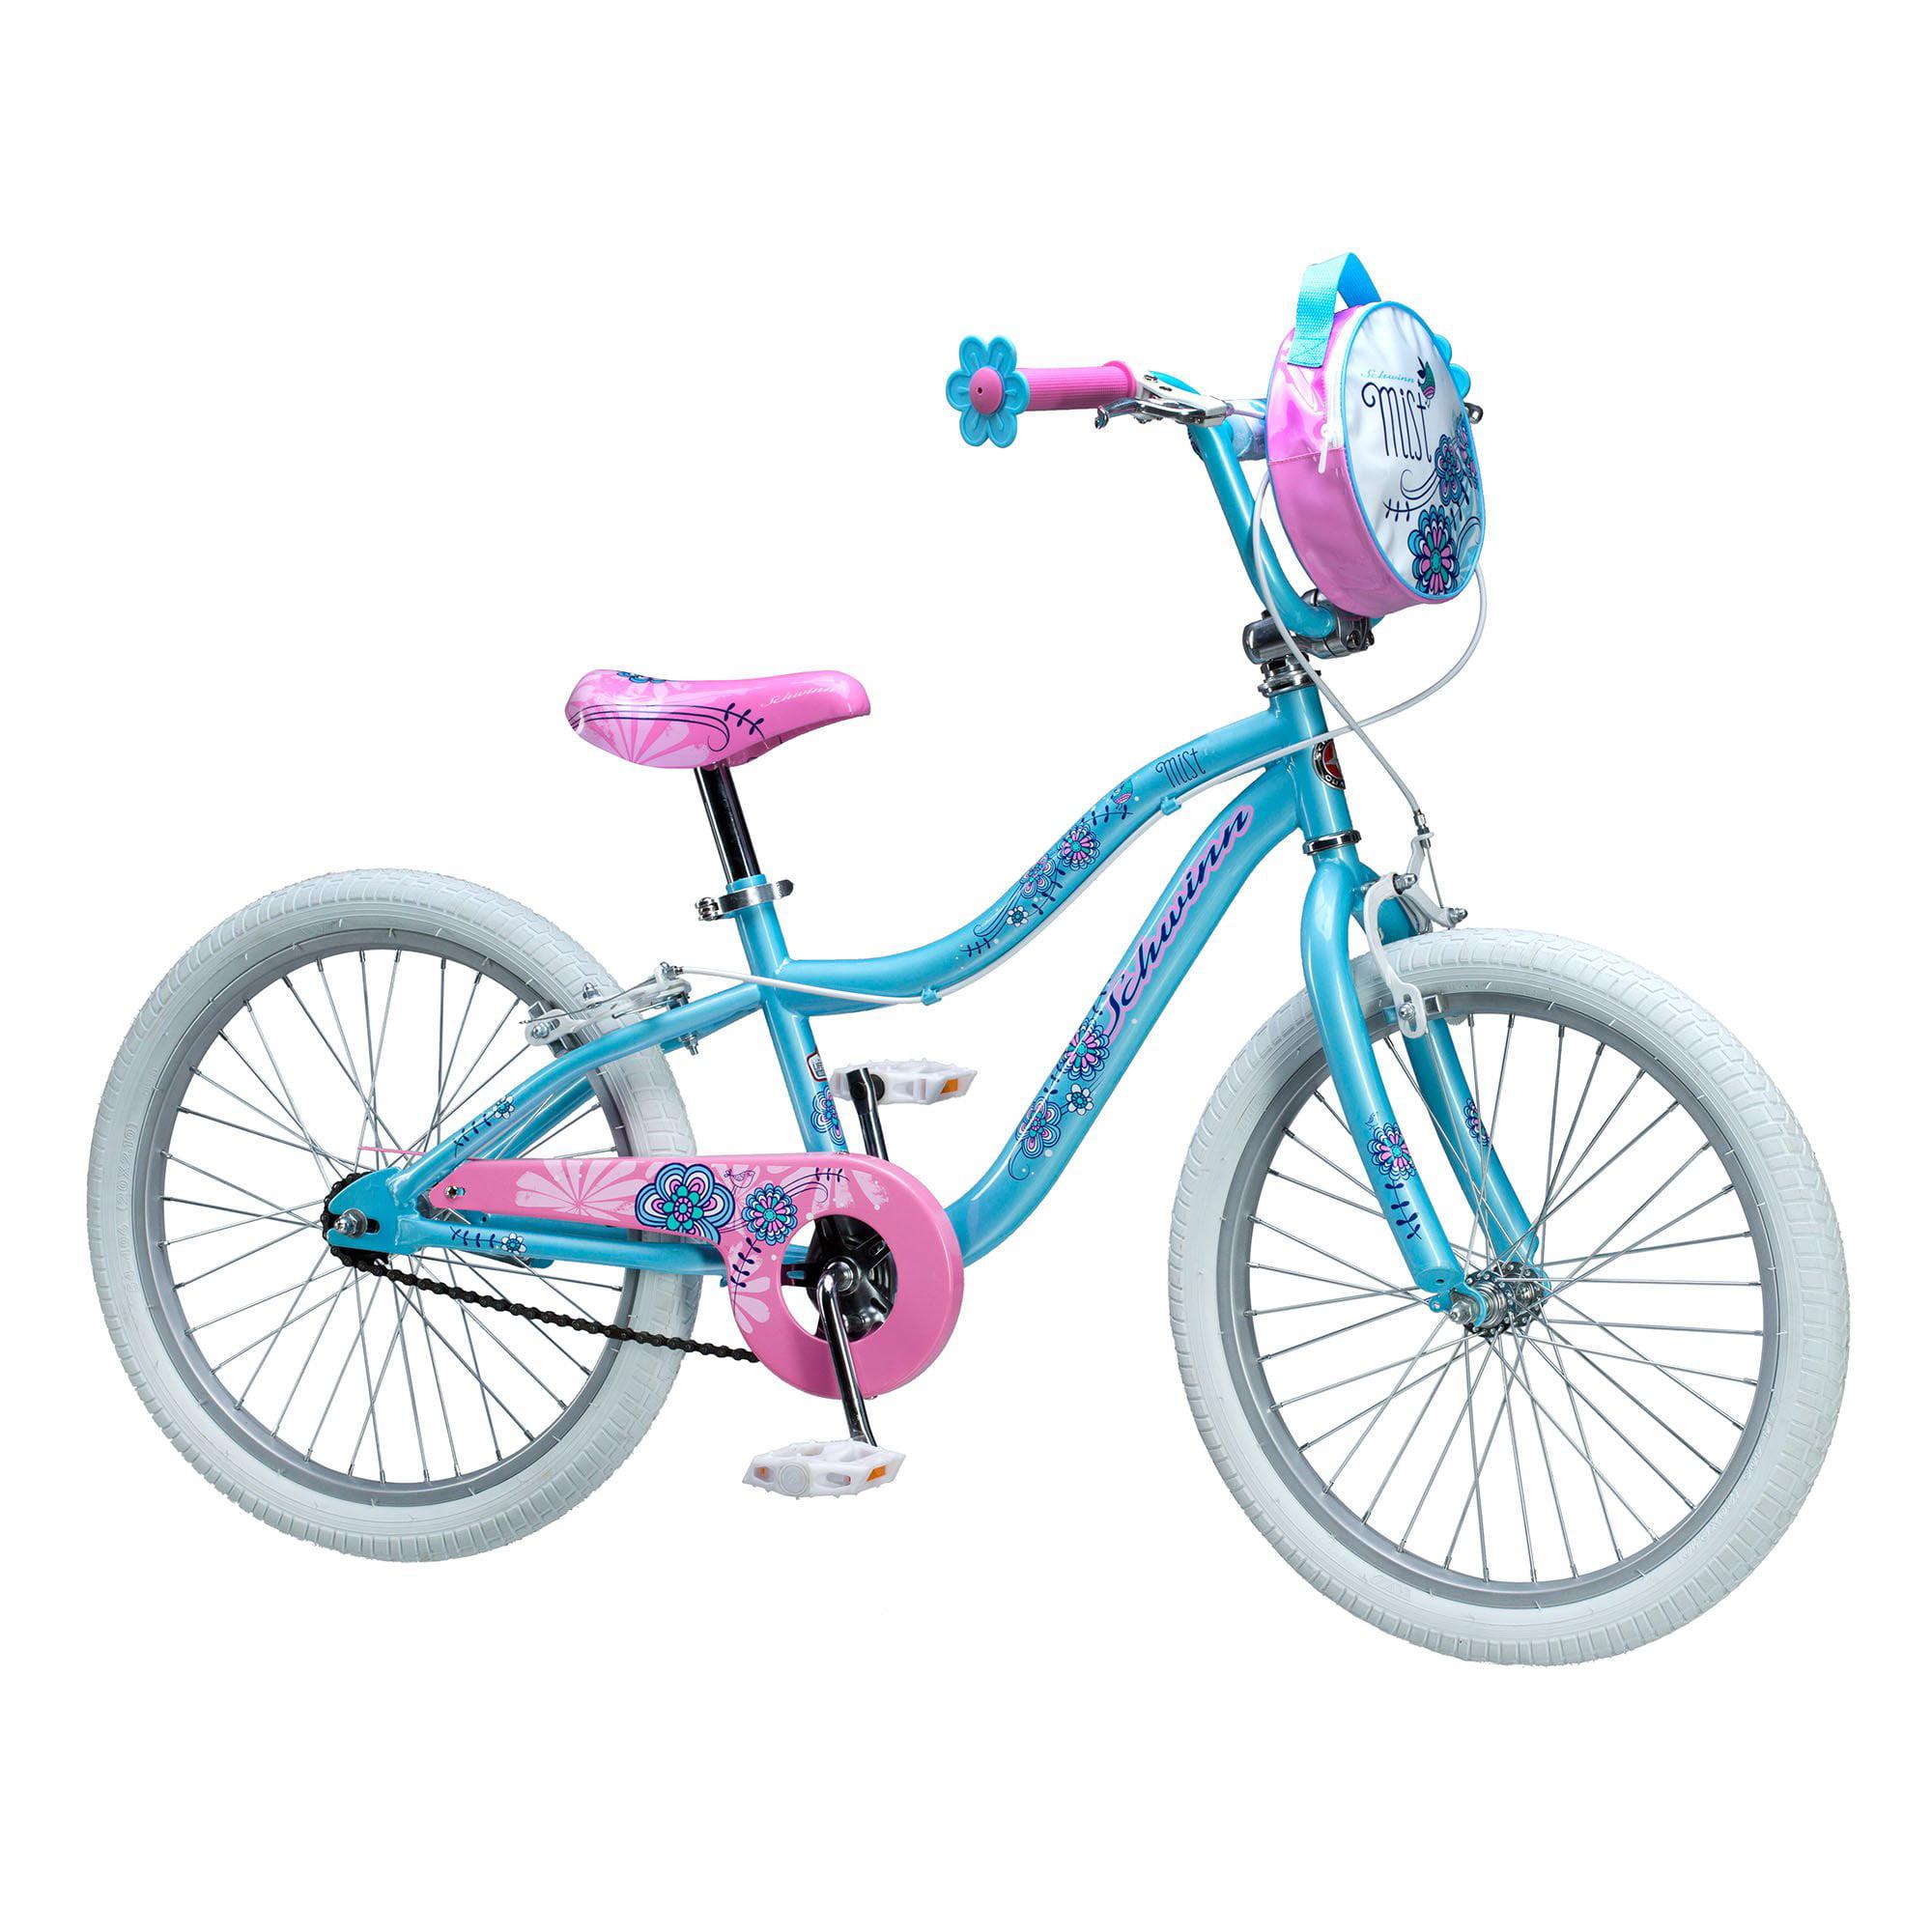 Schwinn Mist Kids BIke, single speed, 20-inch wheels, blue by Schwinn